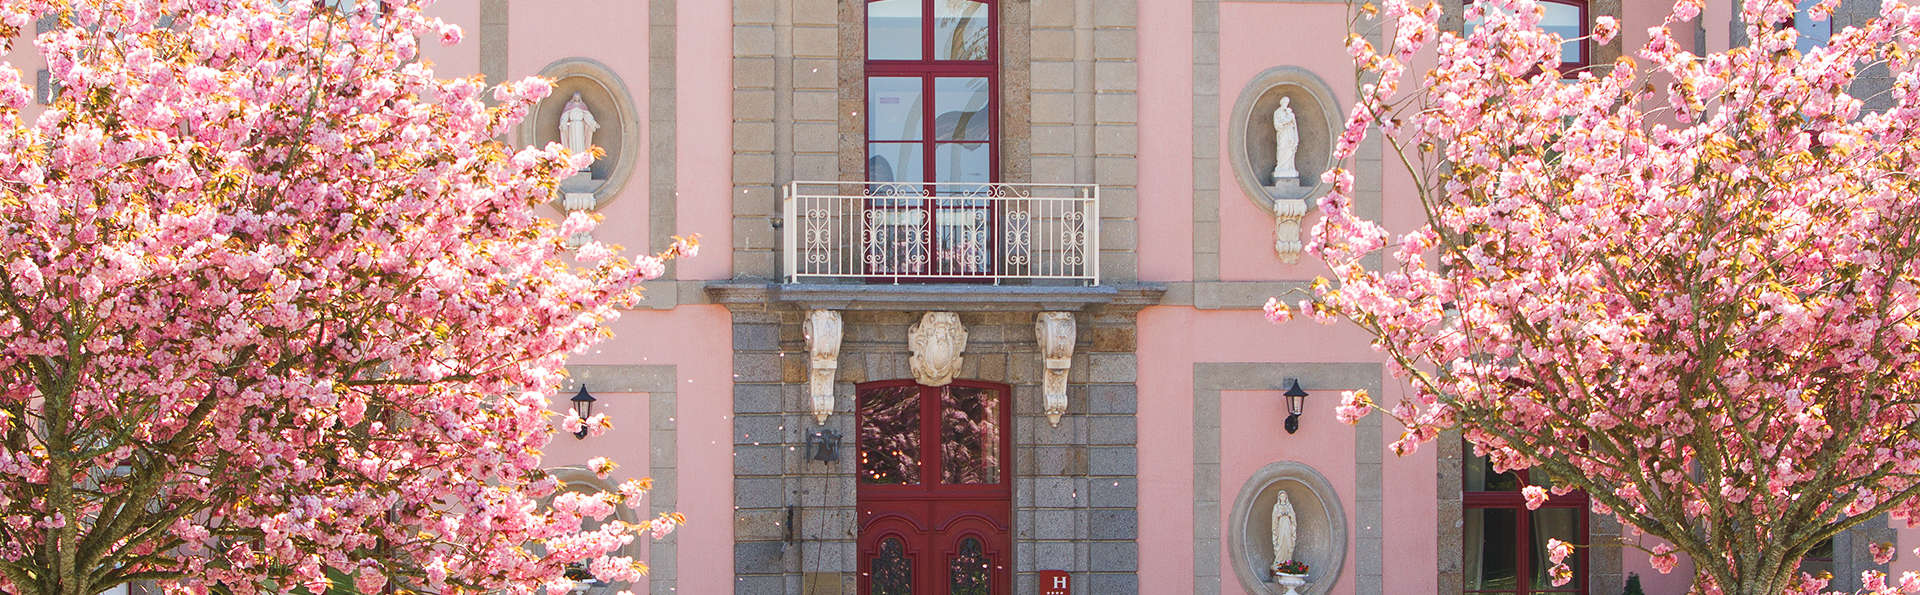 Château Hôtel du Colombier - EDIT_Exterior3.jpg